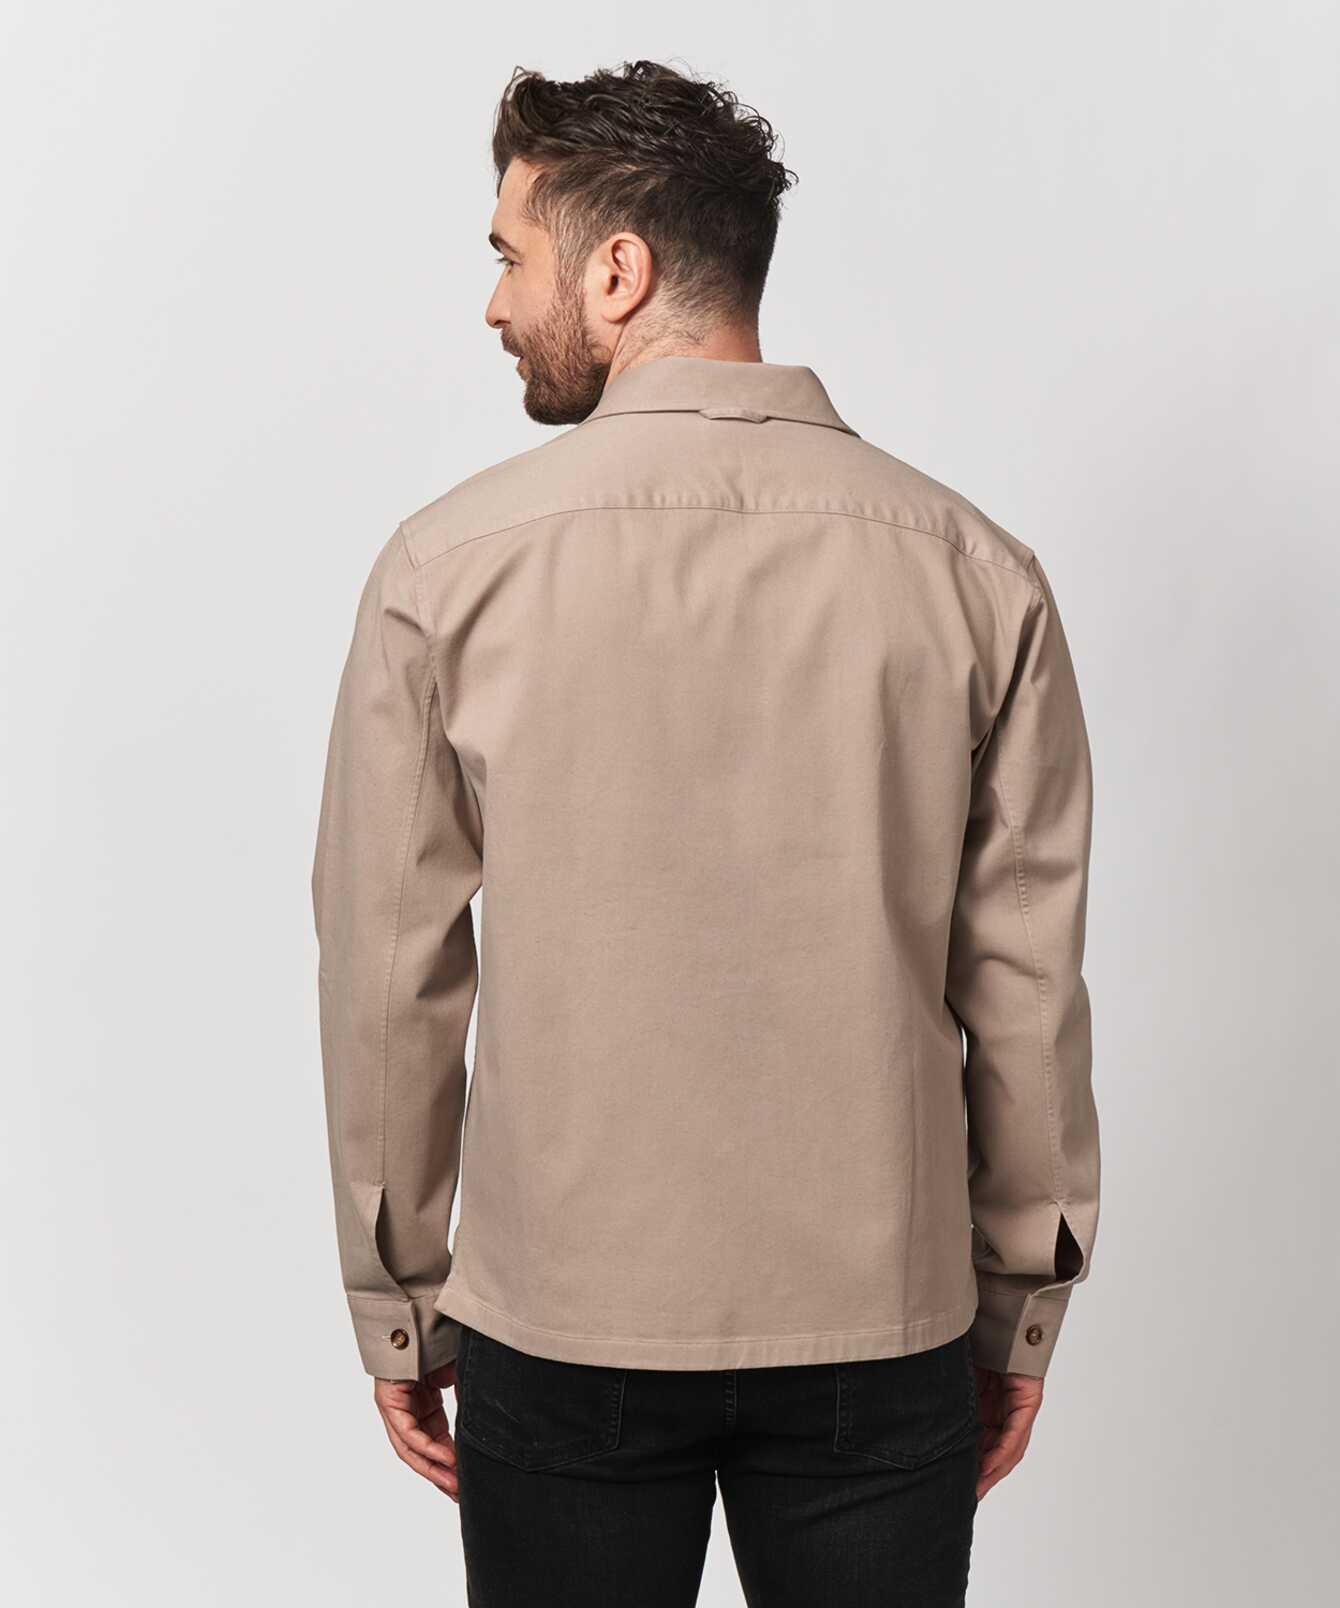 Skjorta Twill Overshirt Beige  The Shirt Factory